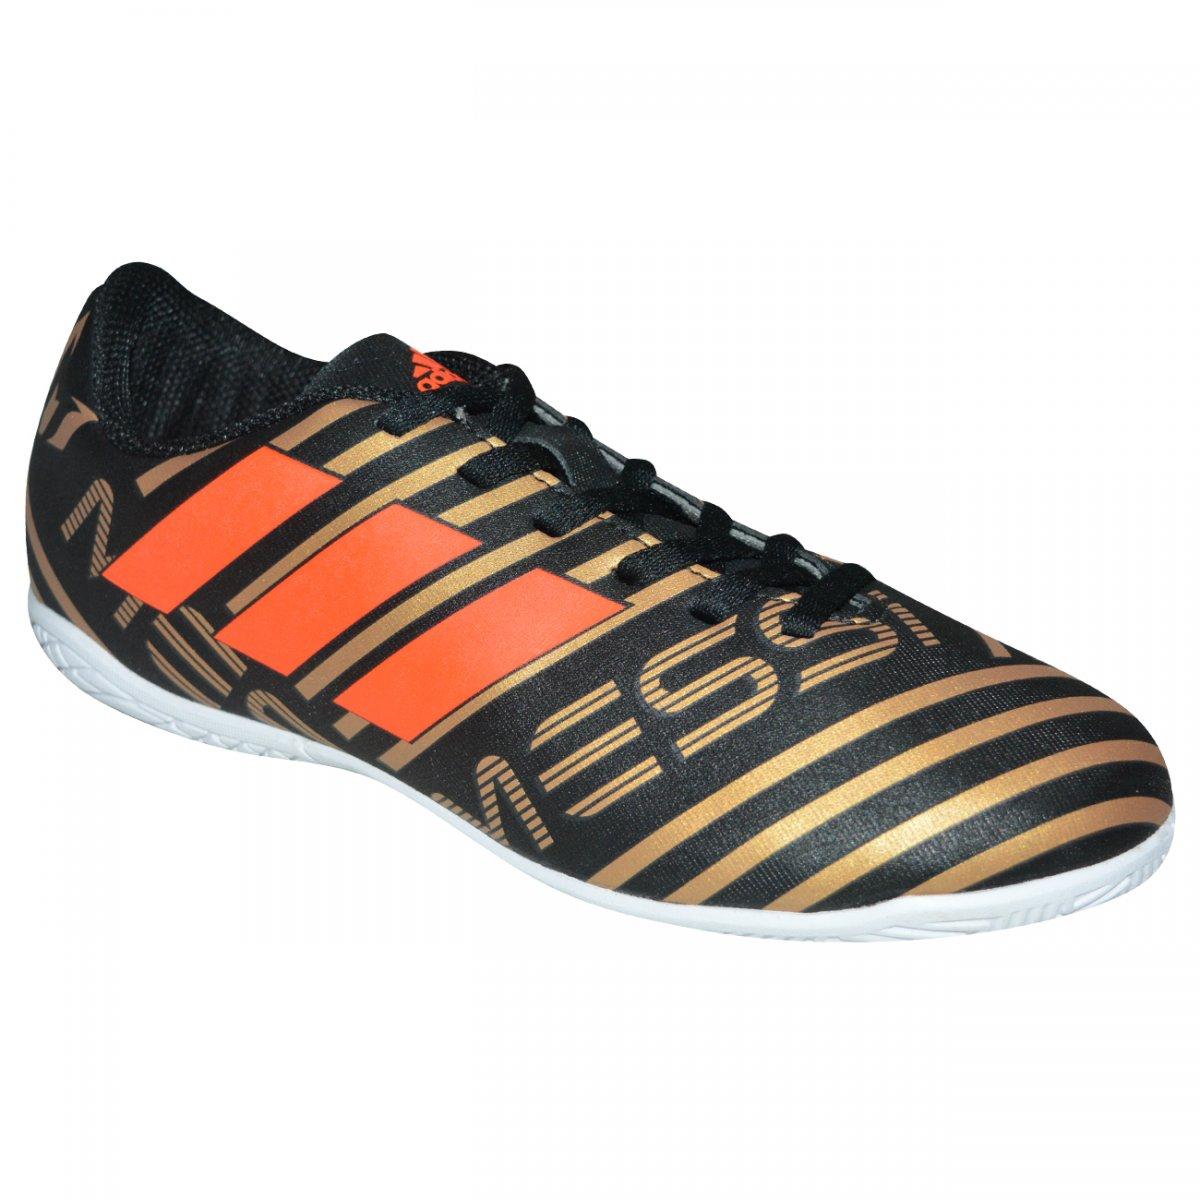 buena venta proporcionar una gran selección de muy elogiado Tenis Adidas Nemeziz Messi Tango 17.4 Juvenil